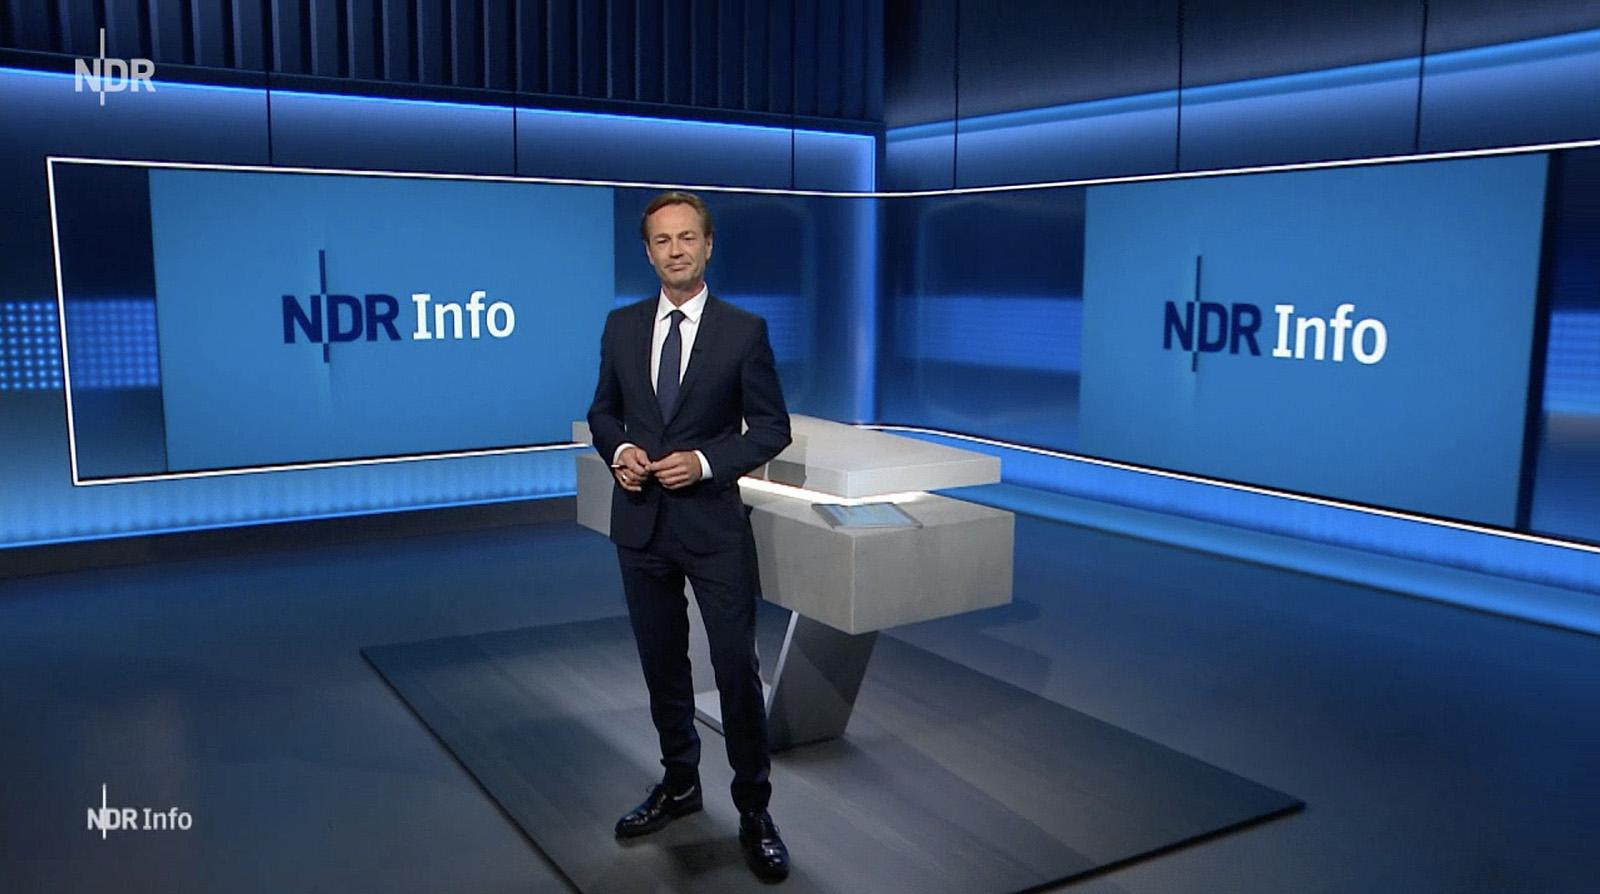 NCS_NDR-Info_Studio_2019_0007